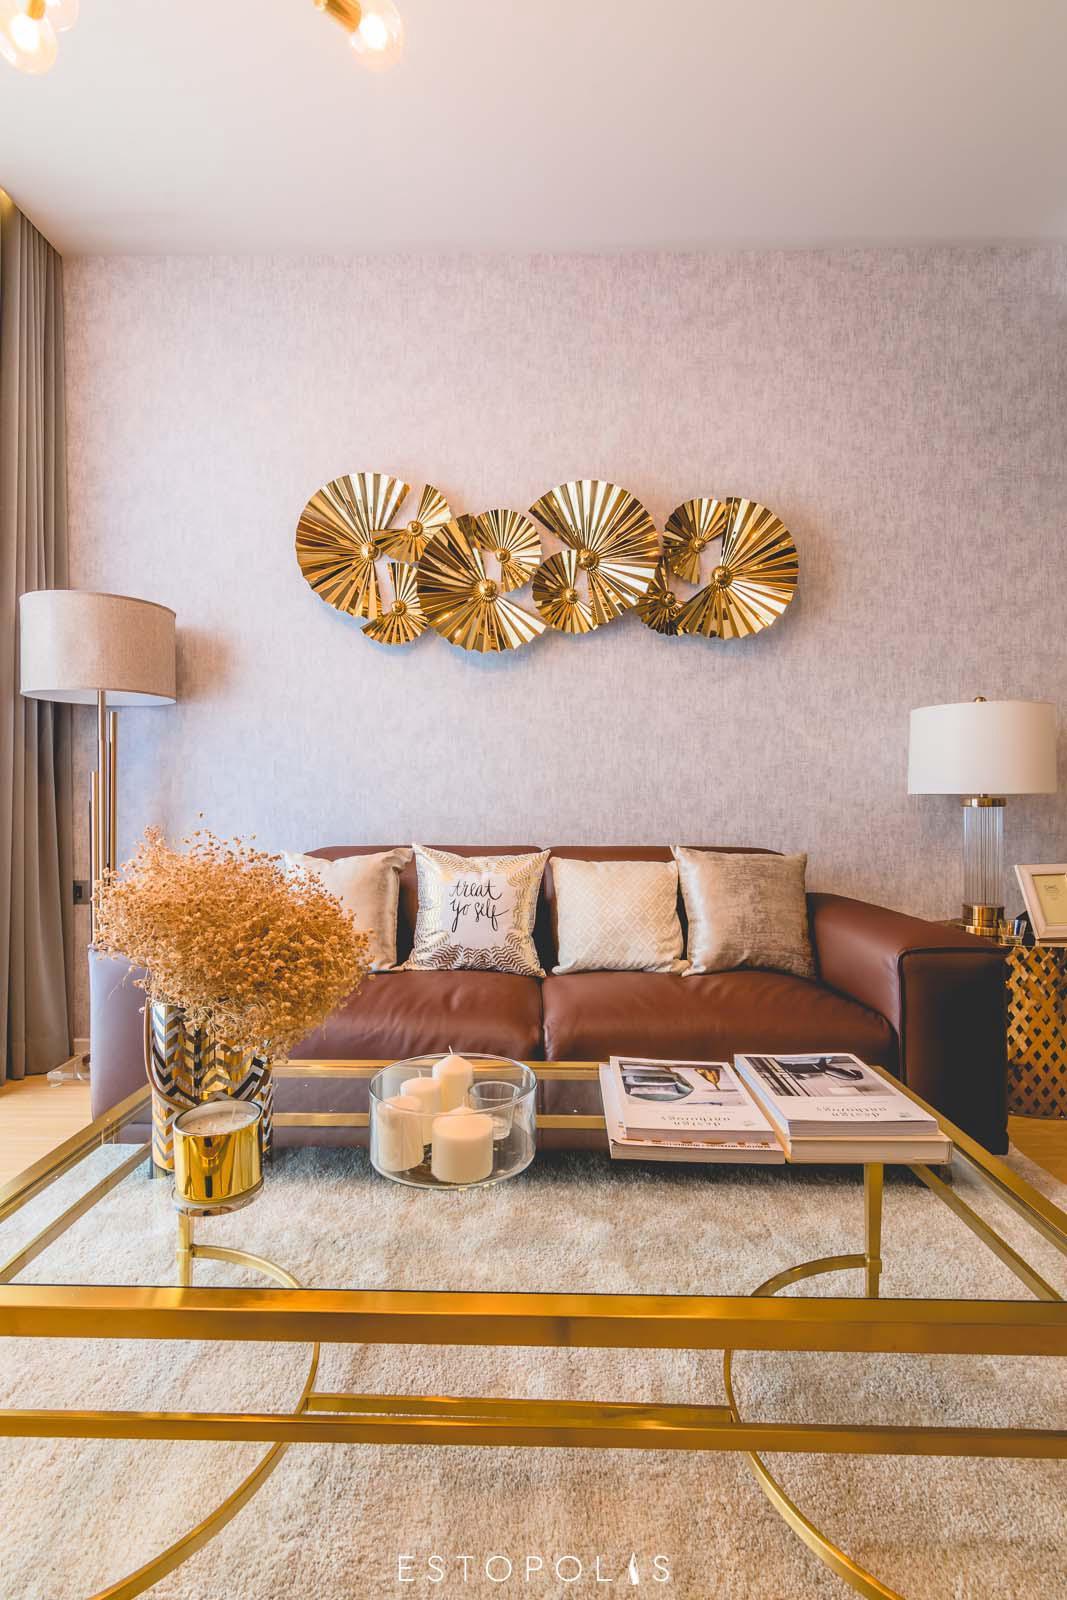 เคล็ดลับการตกแต่งคอนโด ของ KIRIN design & living สถาปนิกและมัณฑนากรชื่อดังจาก Pantip